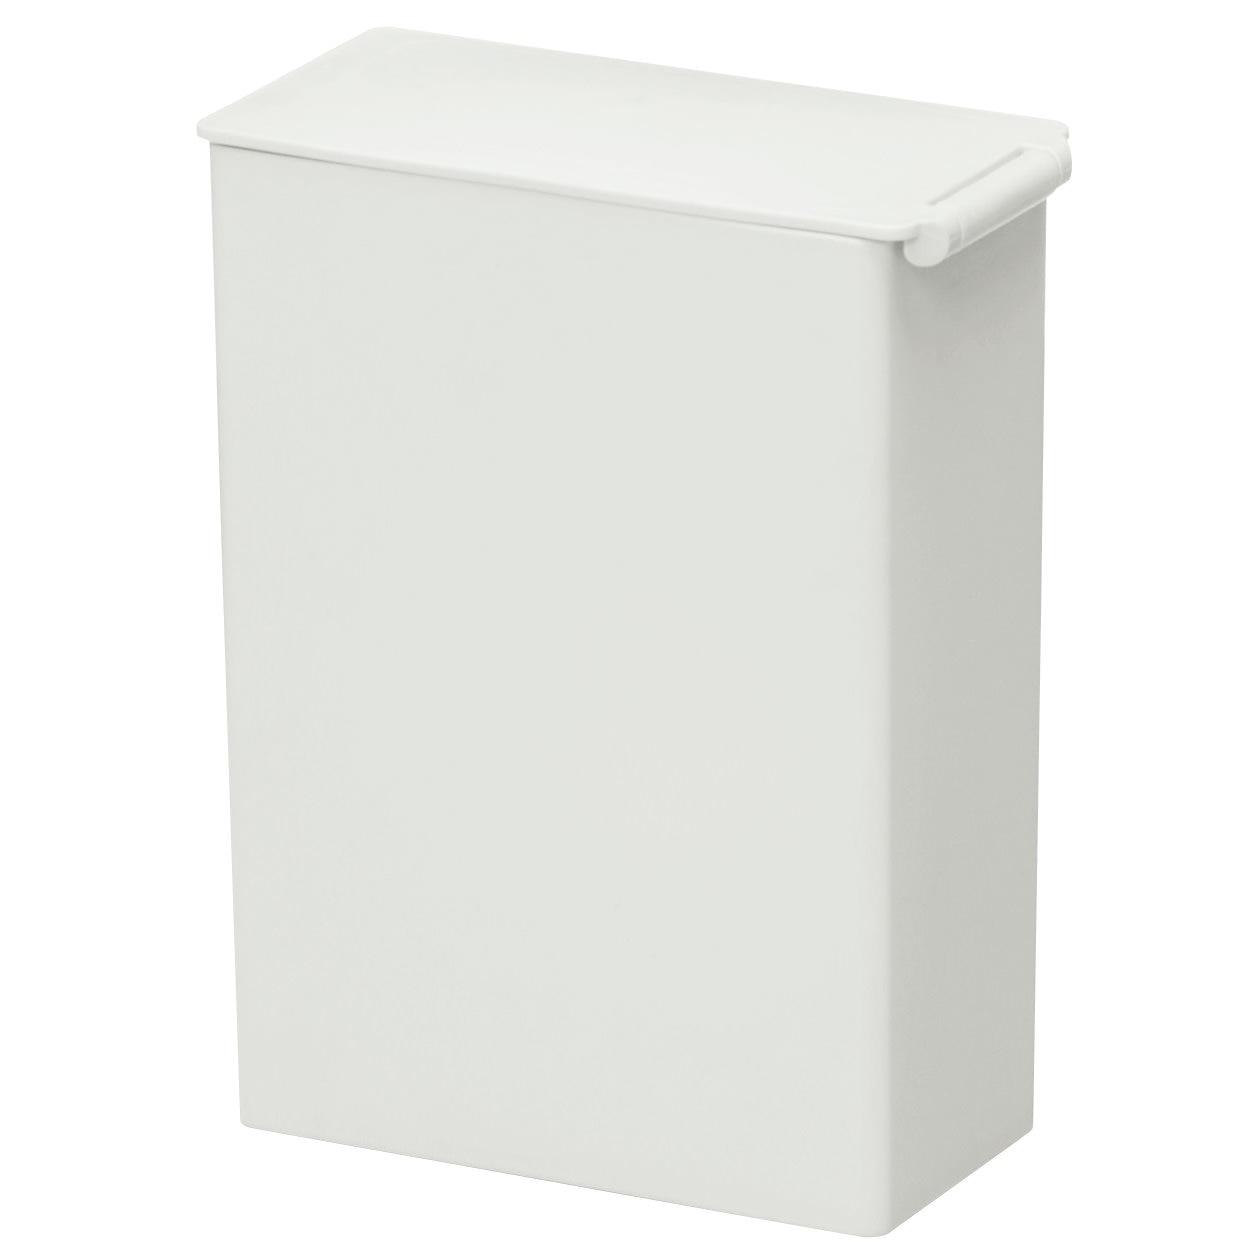 PP垃圾桶/方型/迷你/約0.9L 約寬7×深13.5×高14cm | 無印良品